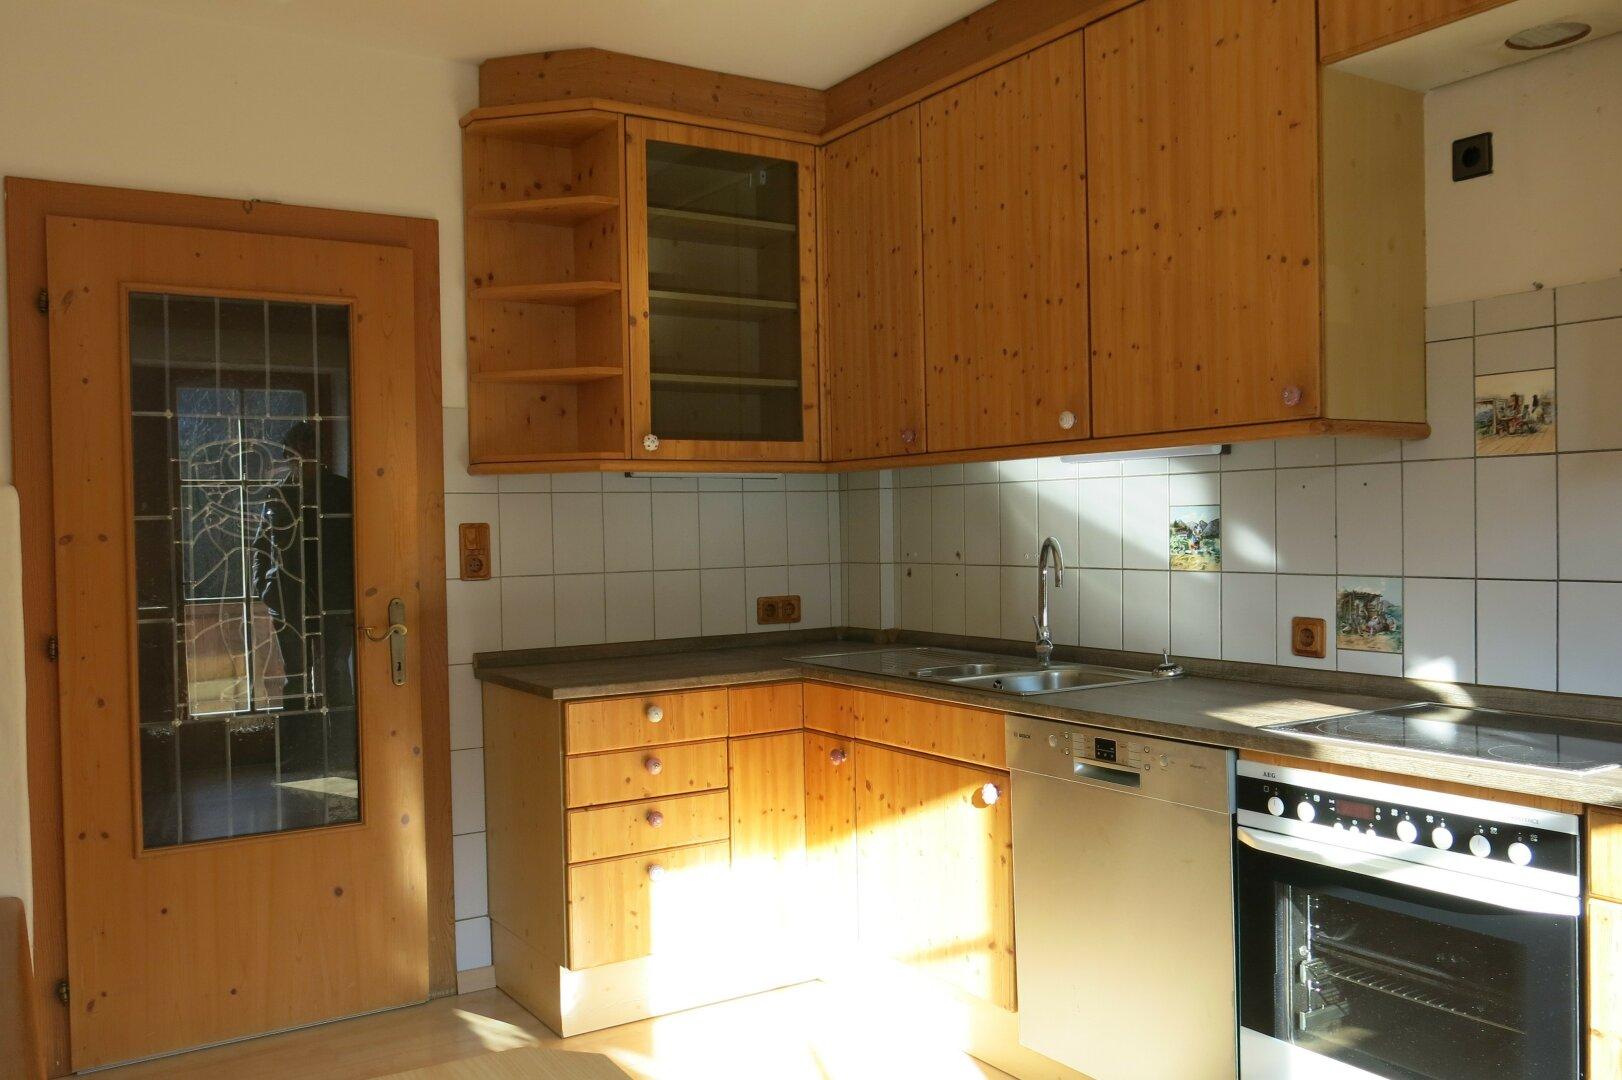 Mietwohnung/Büro Kufstein, Küche